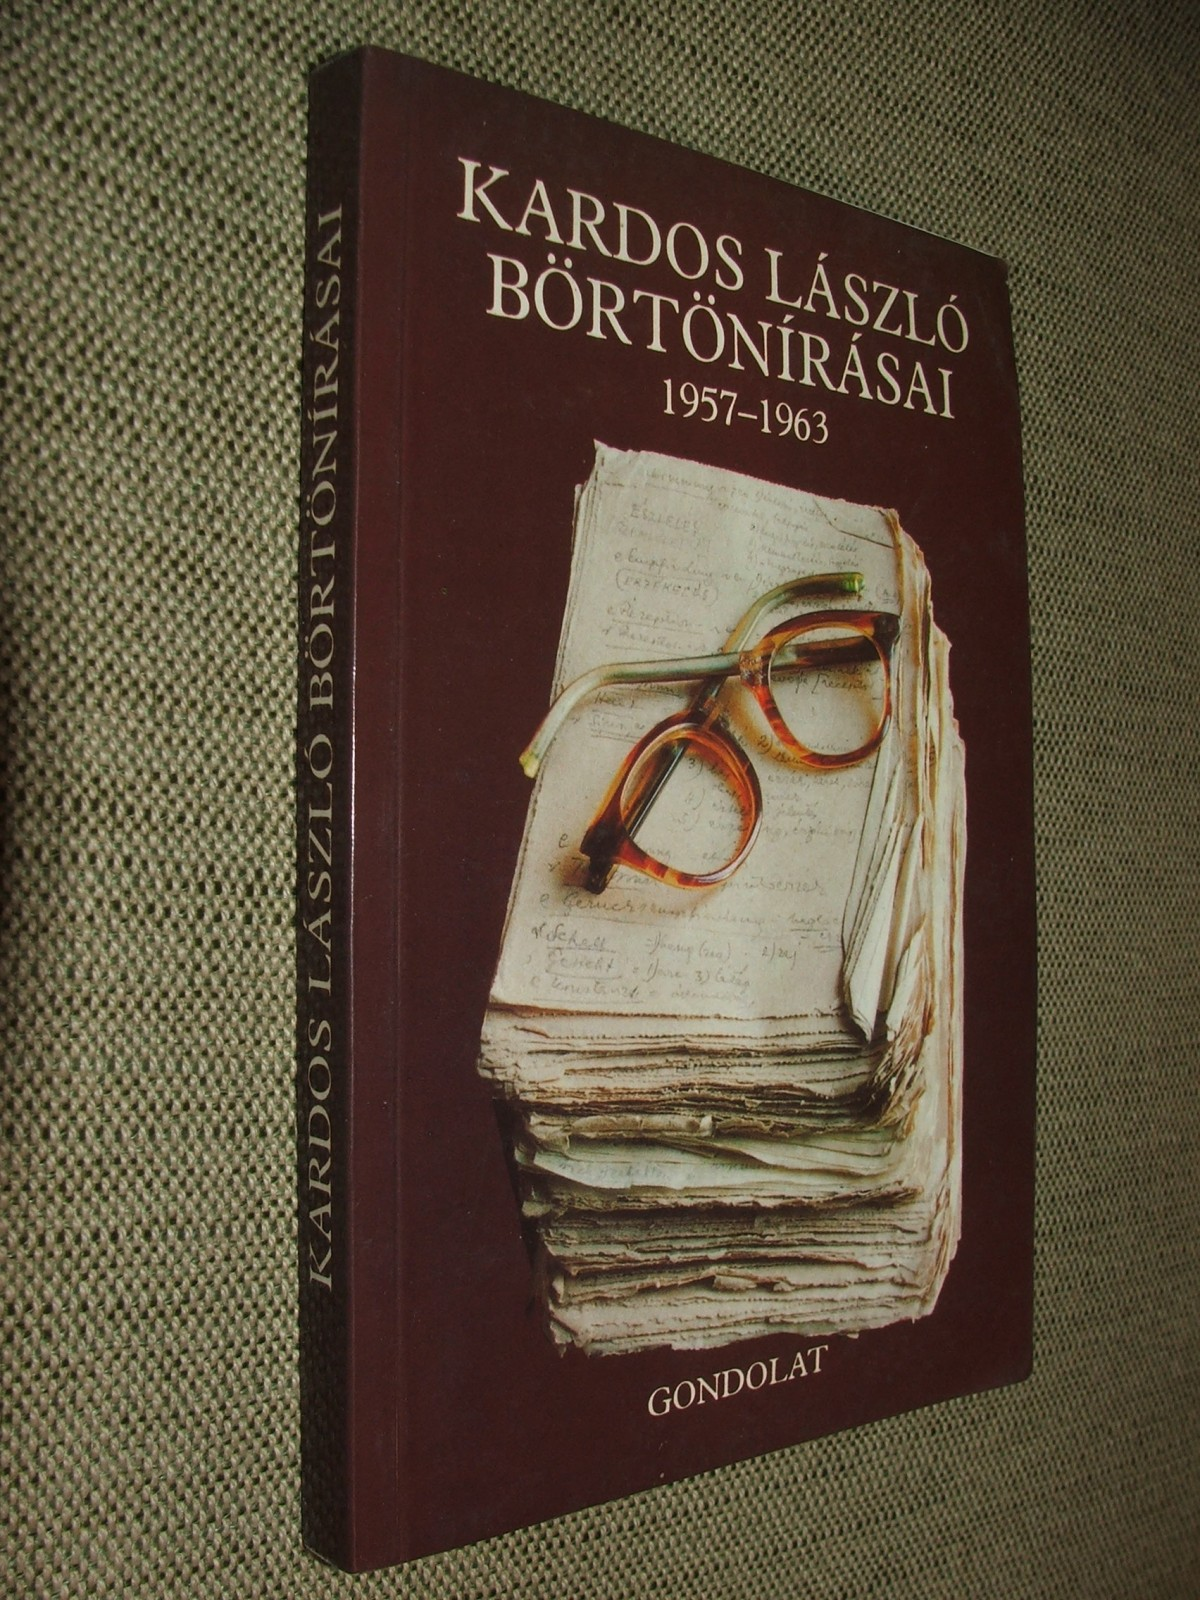 KARDOS László: – – börtönírásai 1957-1963